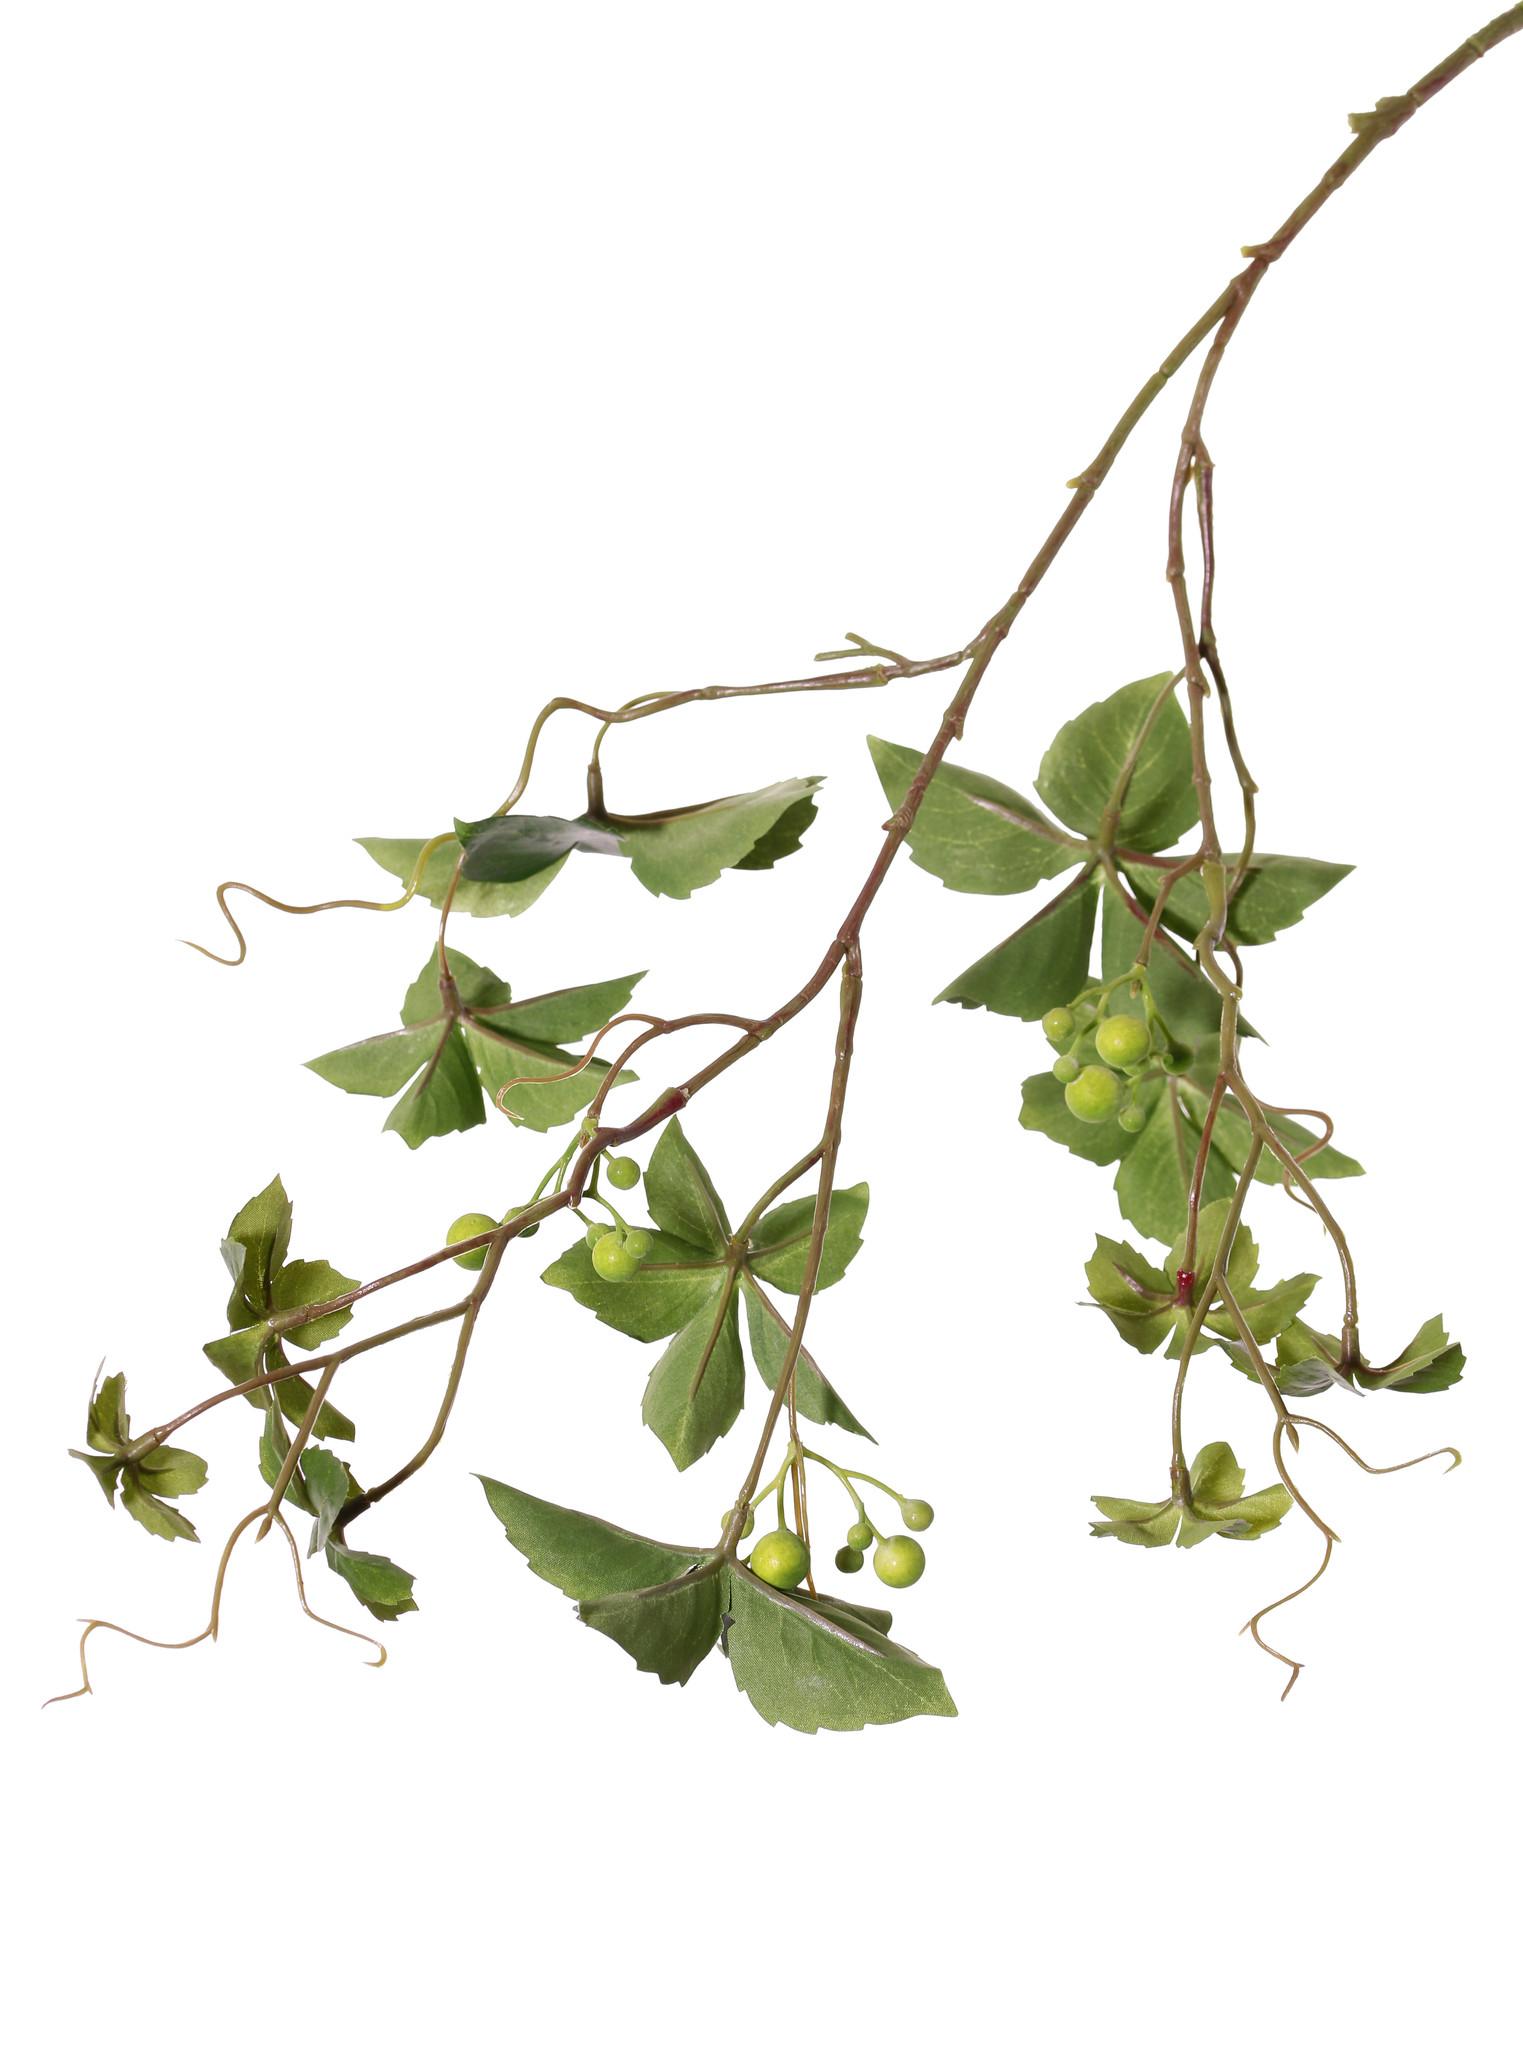 Jungfernreben (Parthenocissus), Zaunreben, Wilder Wein,  3 Verzweigungen, 12 Blätter & 3 Beerenbündel, 9 Kletterwurzeln , 80cm